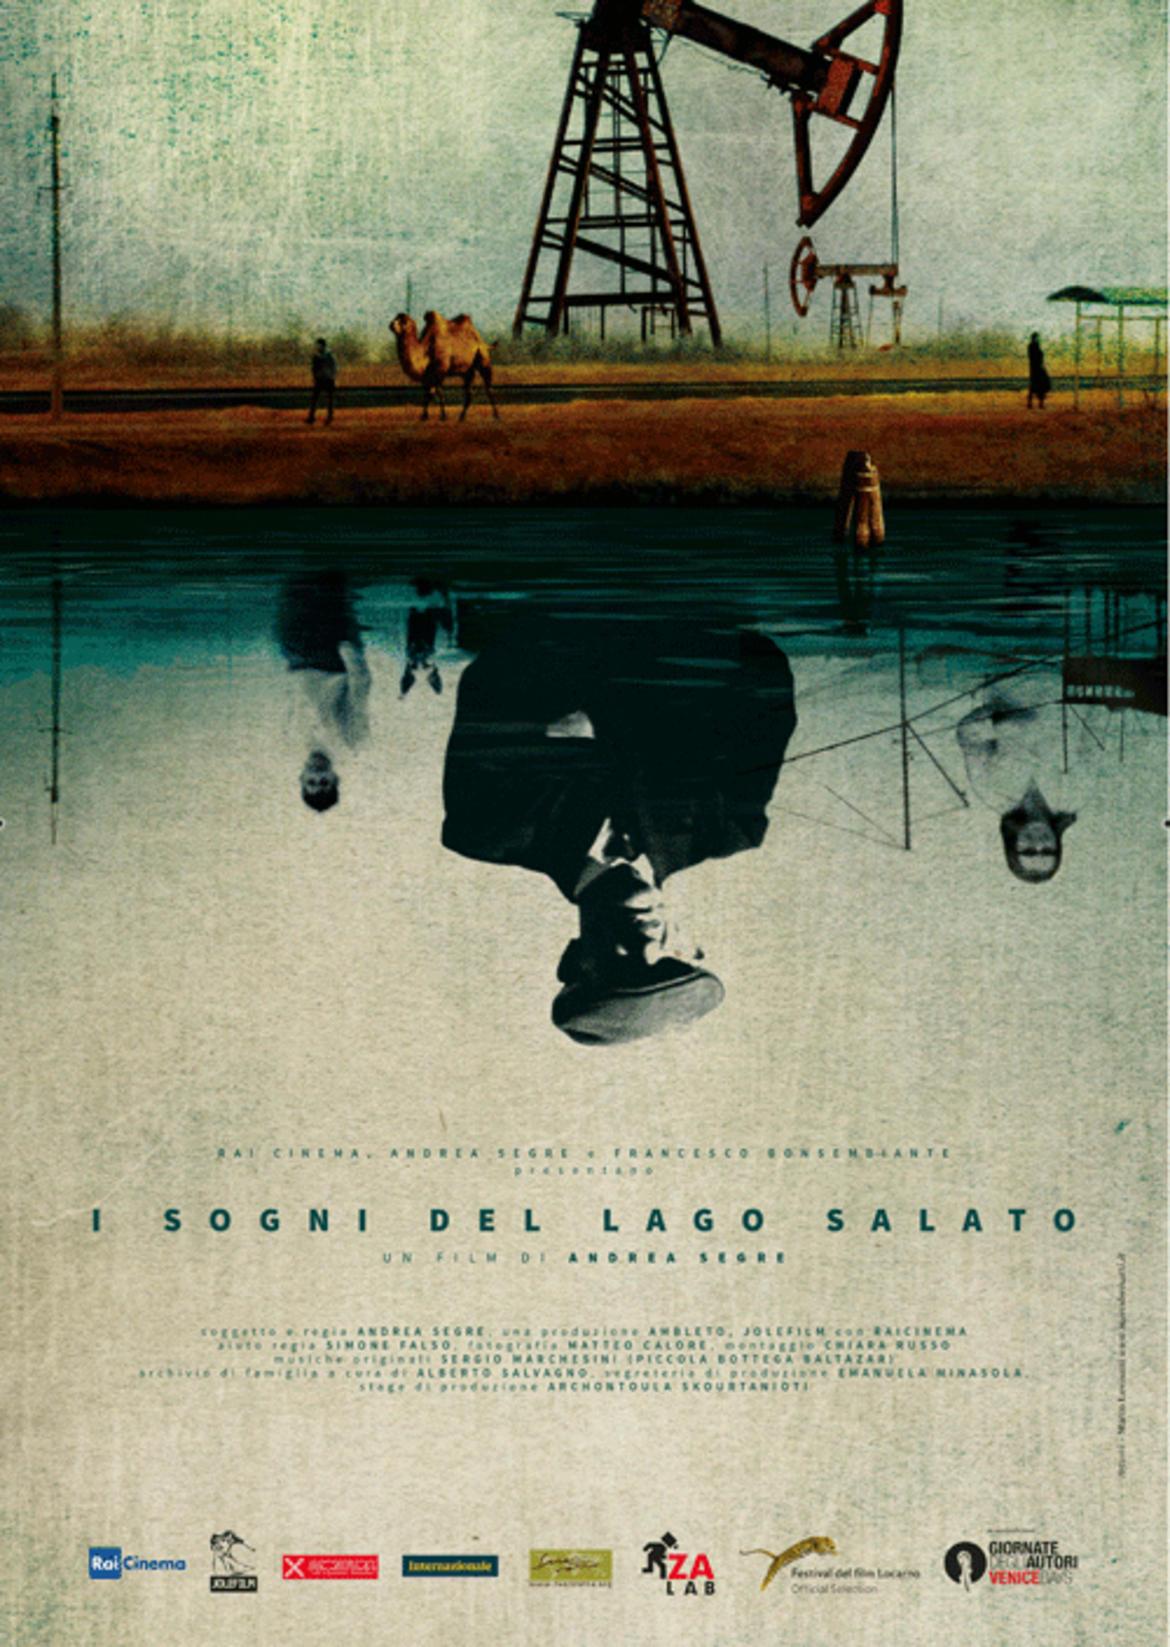 I-sogni-del-lago-salato_imagefullwide